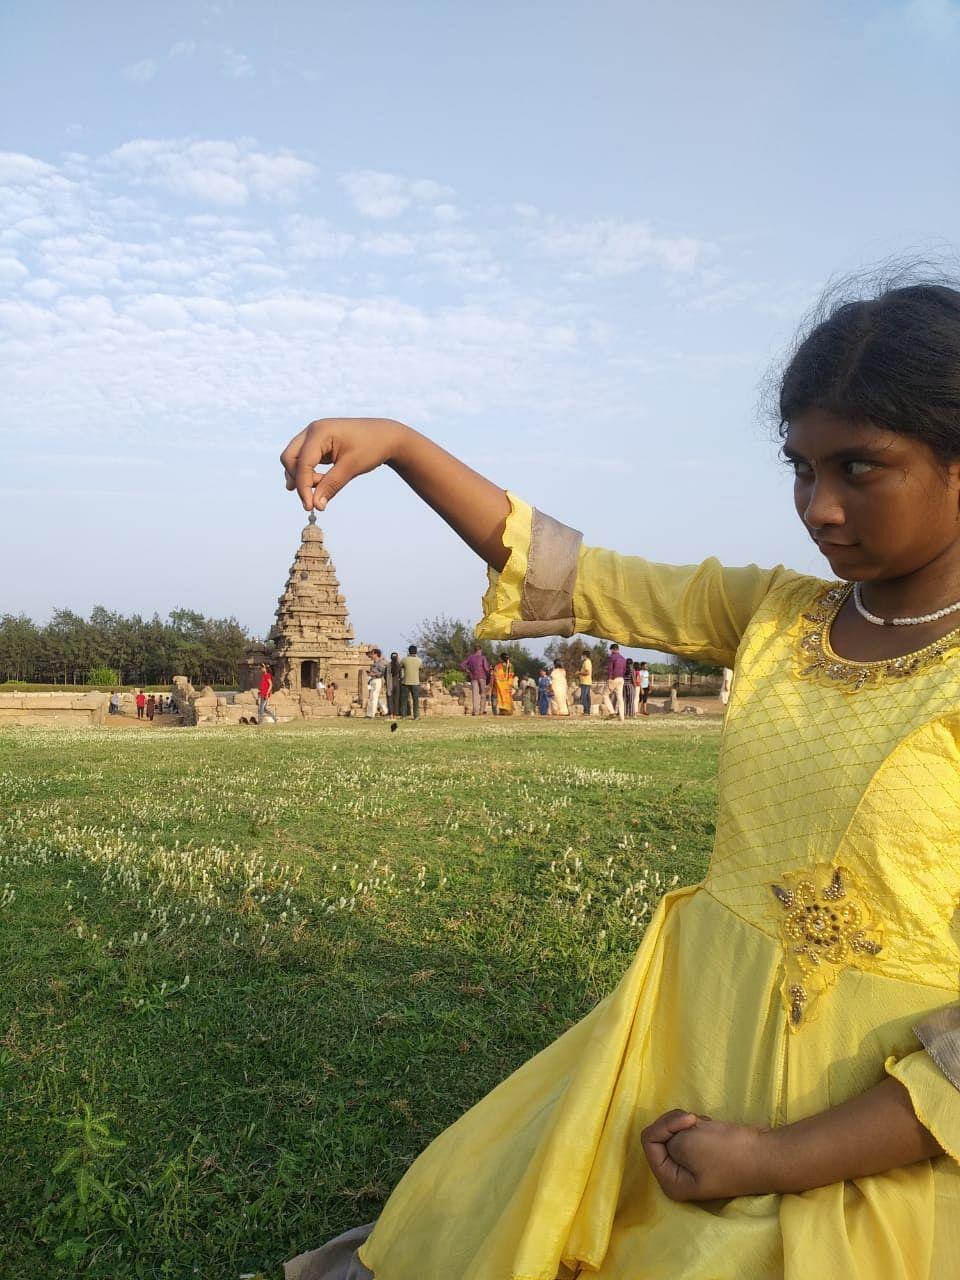 மகாபலிபுரம்